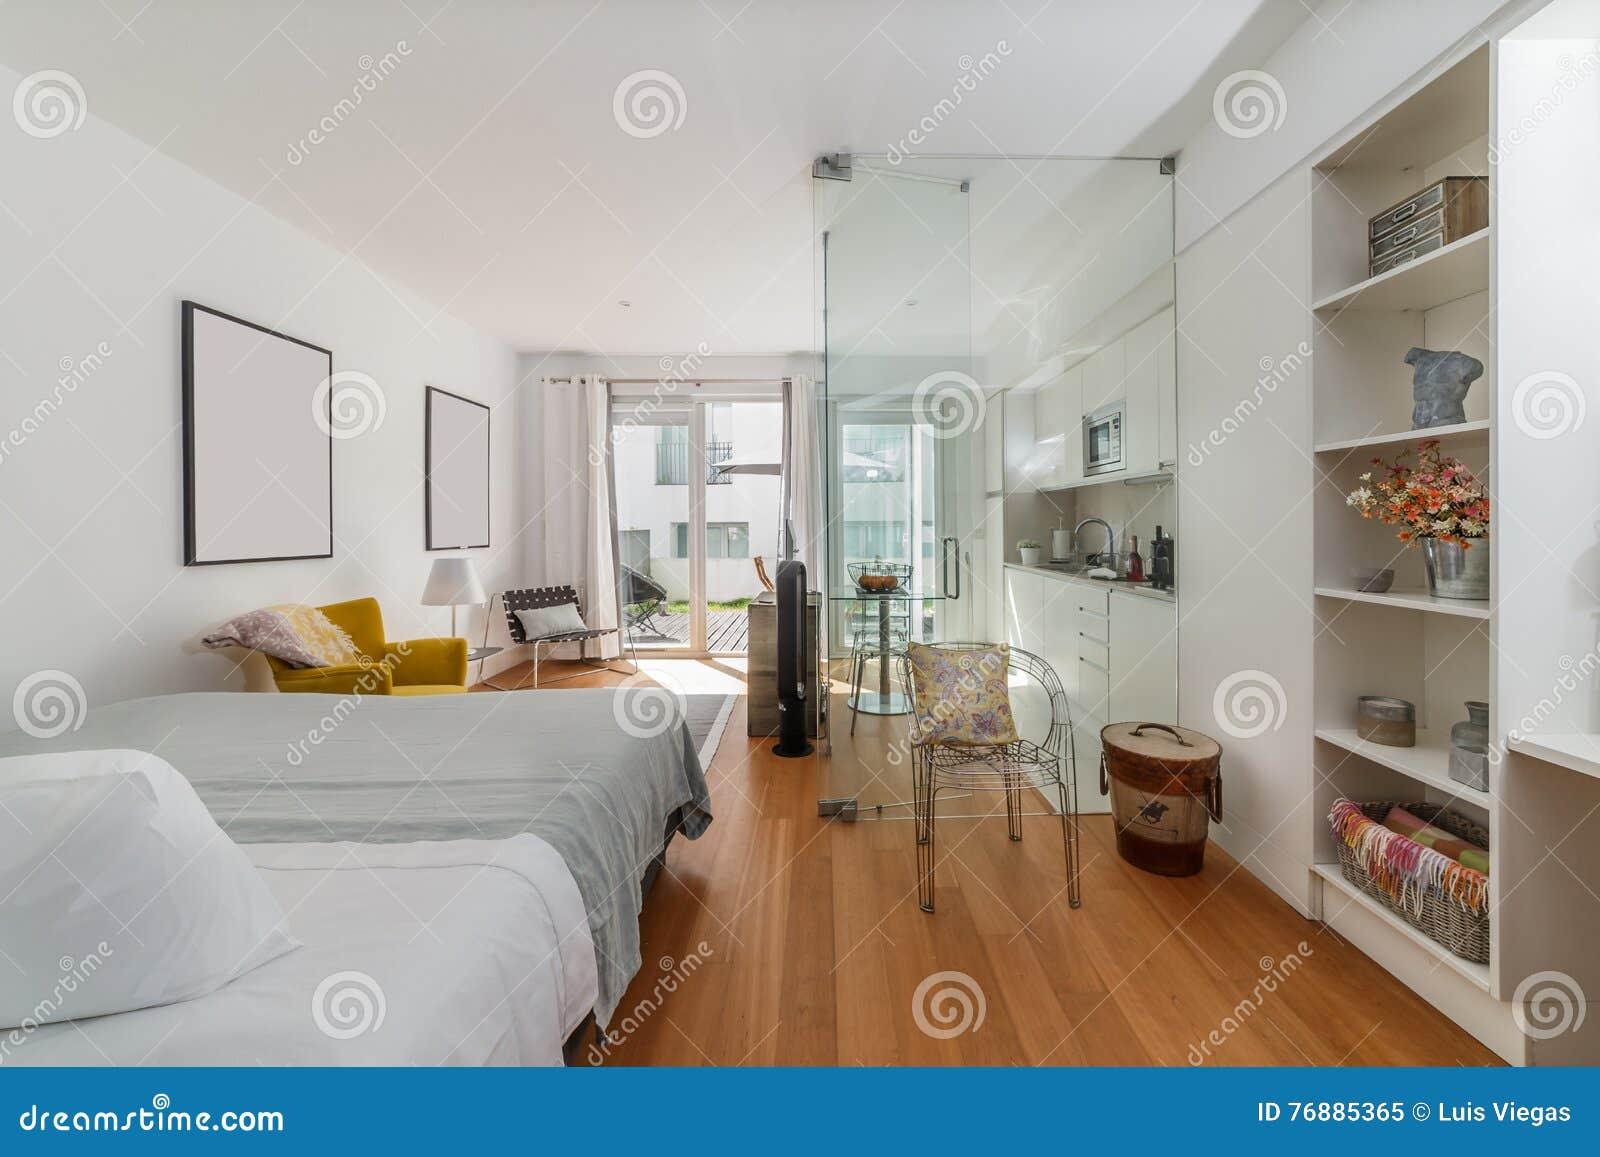 Maison Simple Moderne De Chambre à Coucher Image stock - Image du ...